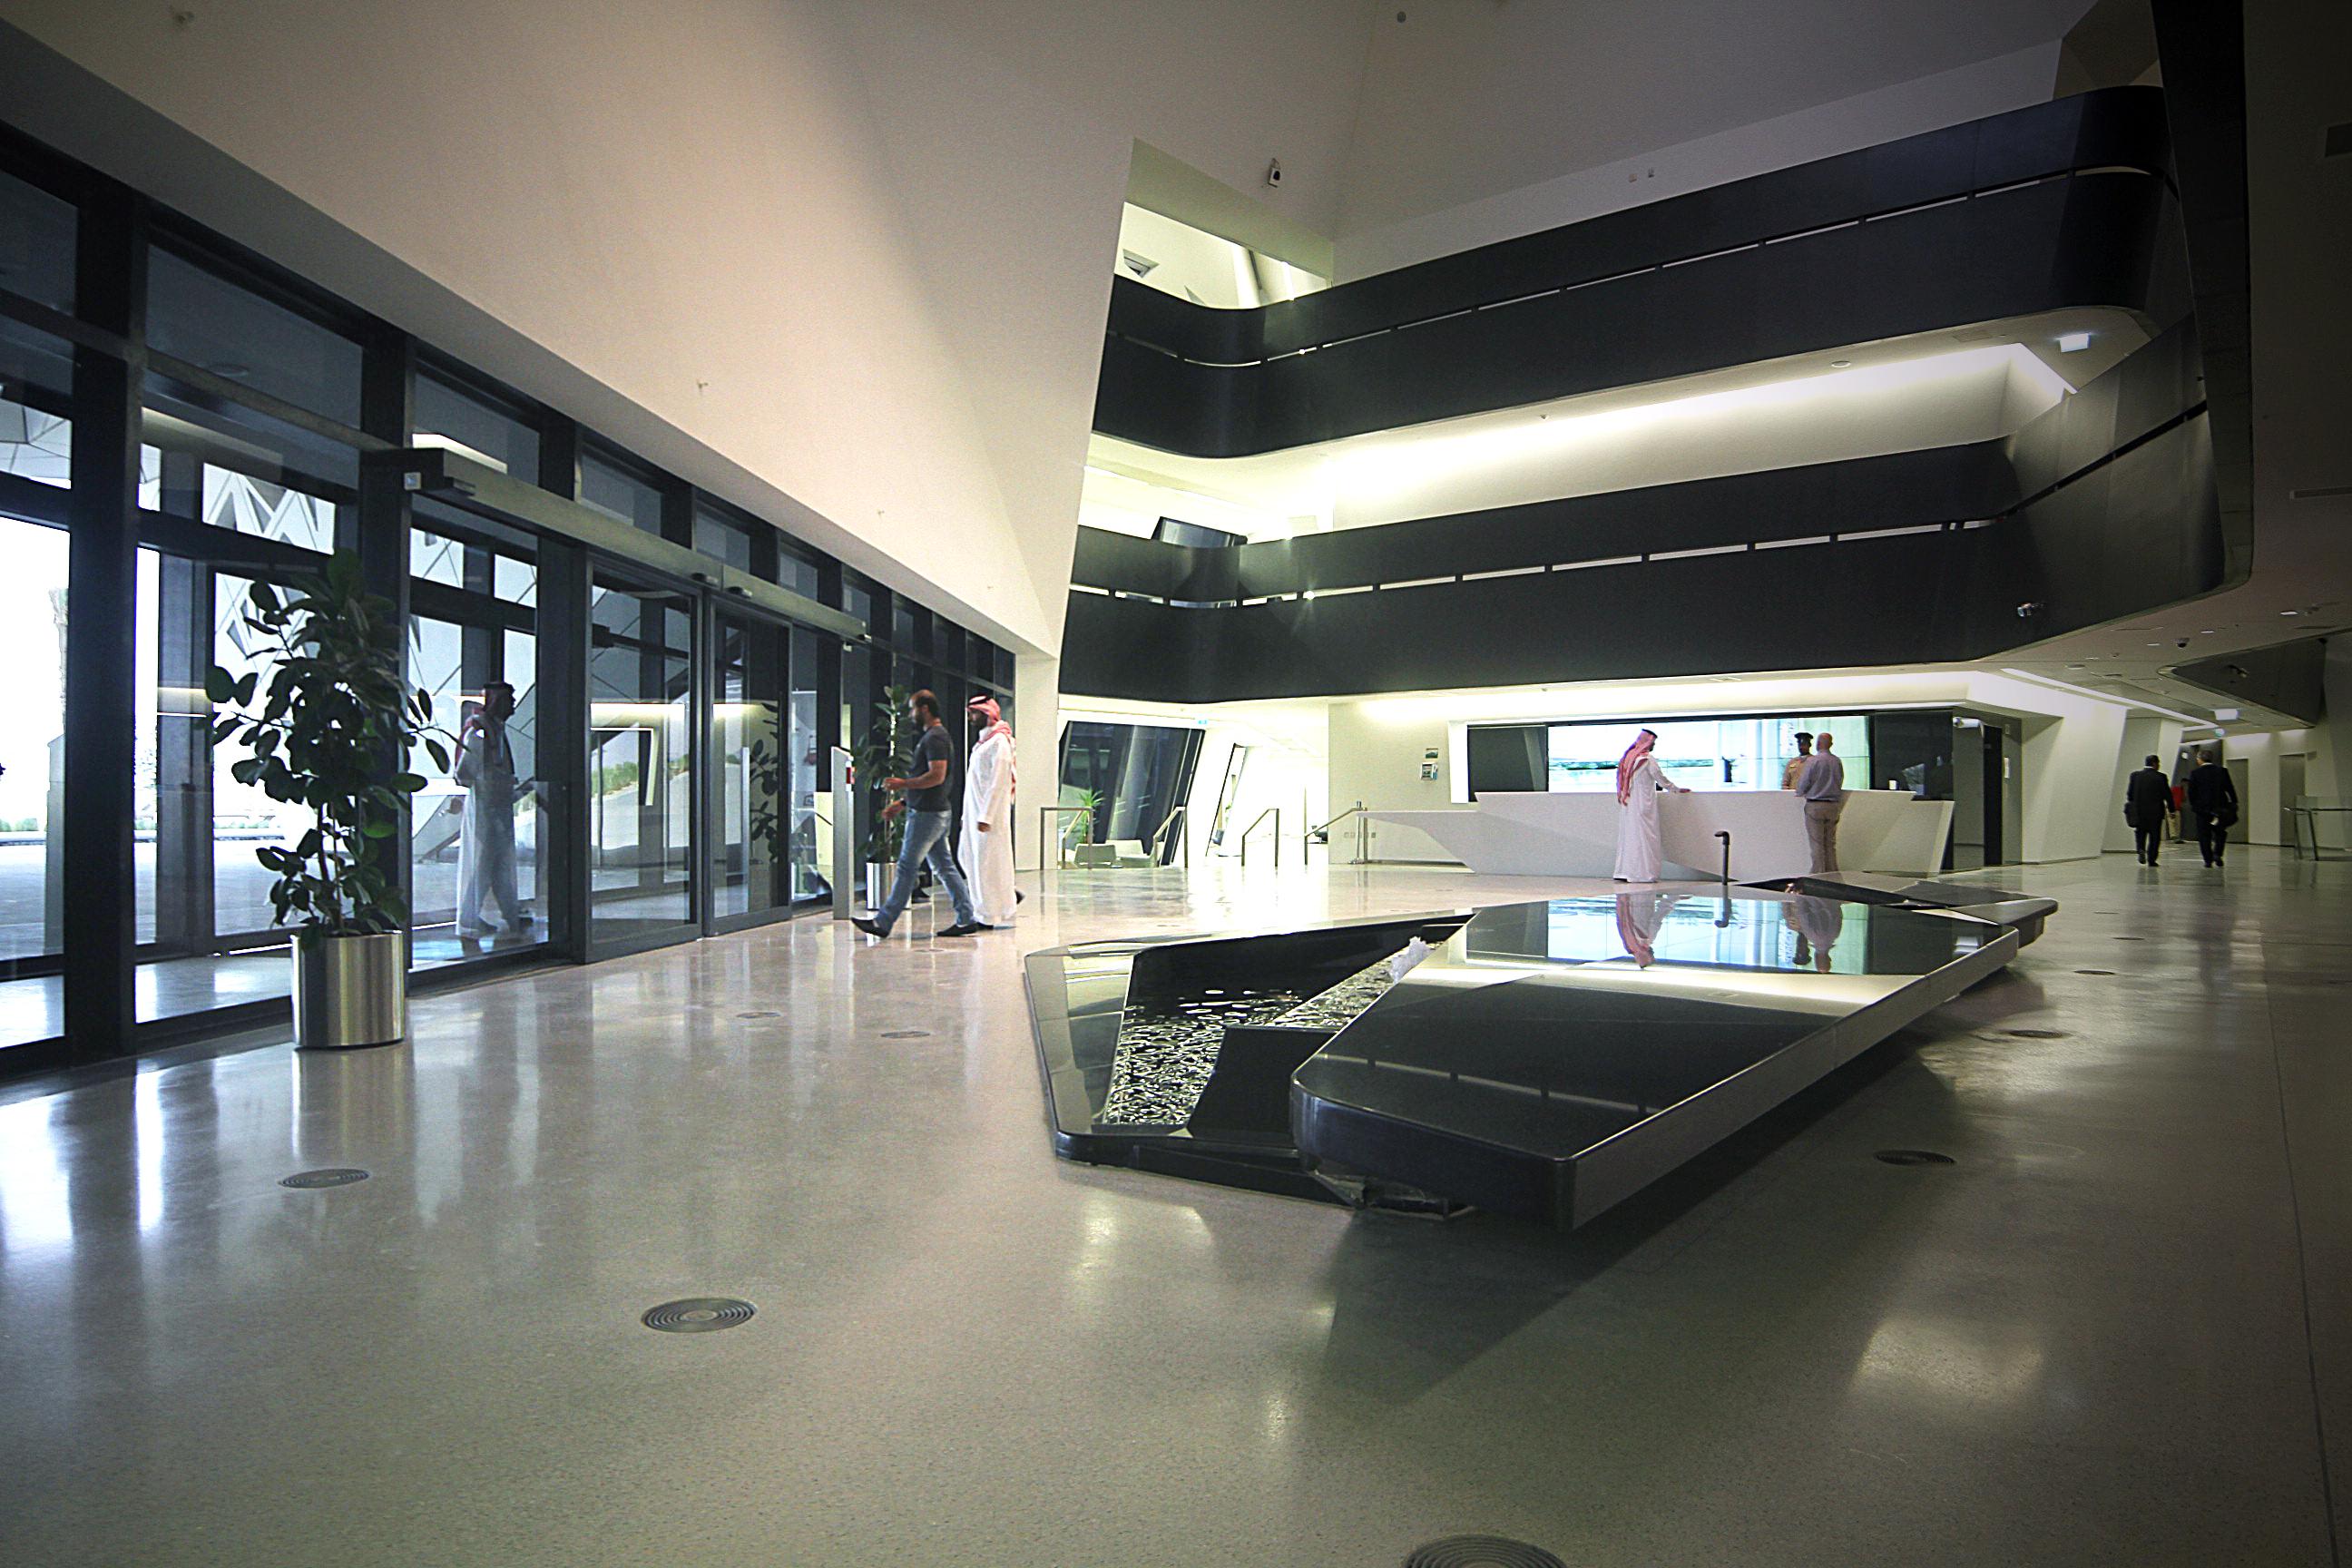 مركز الملك عبدالله للدراسات و البحوث البترولية (3)